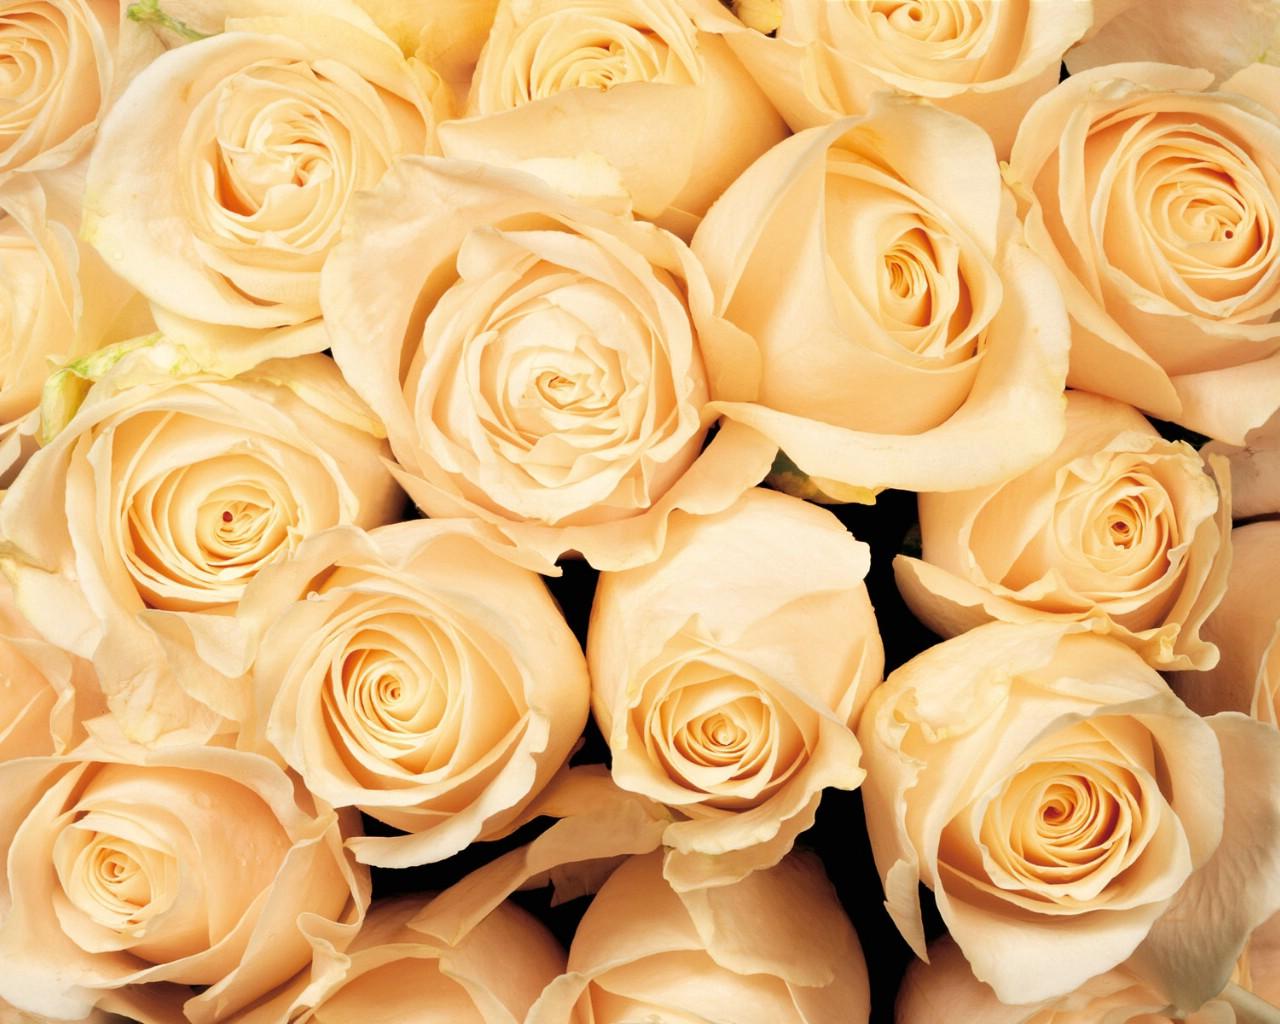 壁纸1280×1024玫瑰写真 5 1壁纸 玫瑰写真壁纸图片花卉壁纸花卉图片素材桌面壁纸